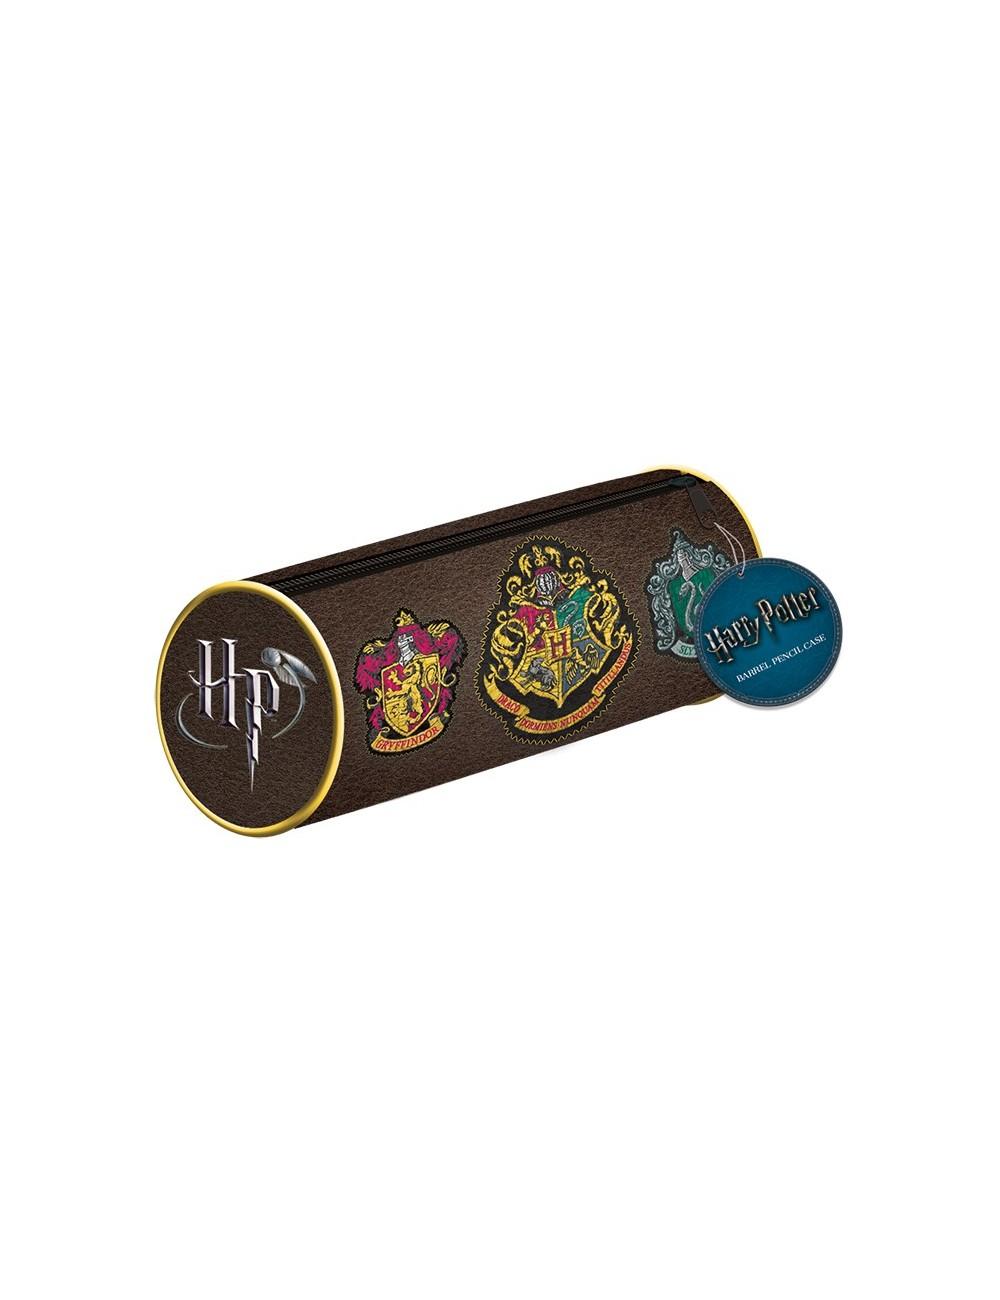 Penar cilindric Harry Potter - Hogwarts Crests -20 cm